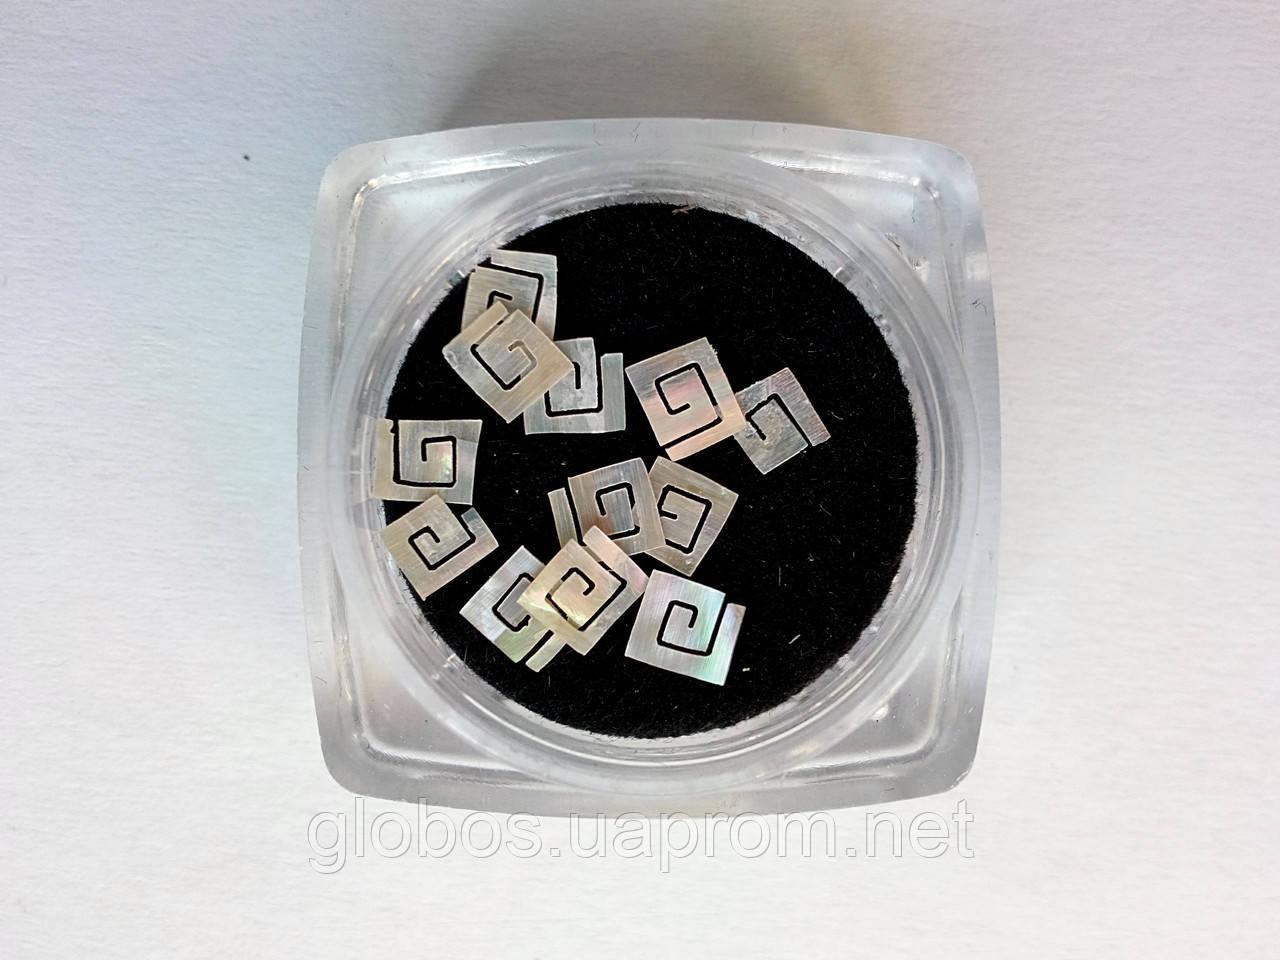 Фигурки перламутровые, ракушка, для аквариумного дизайна ногтей RENEE  IM 02-01